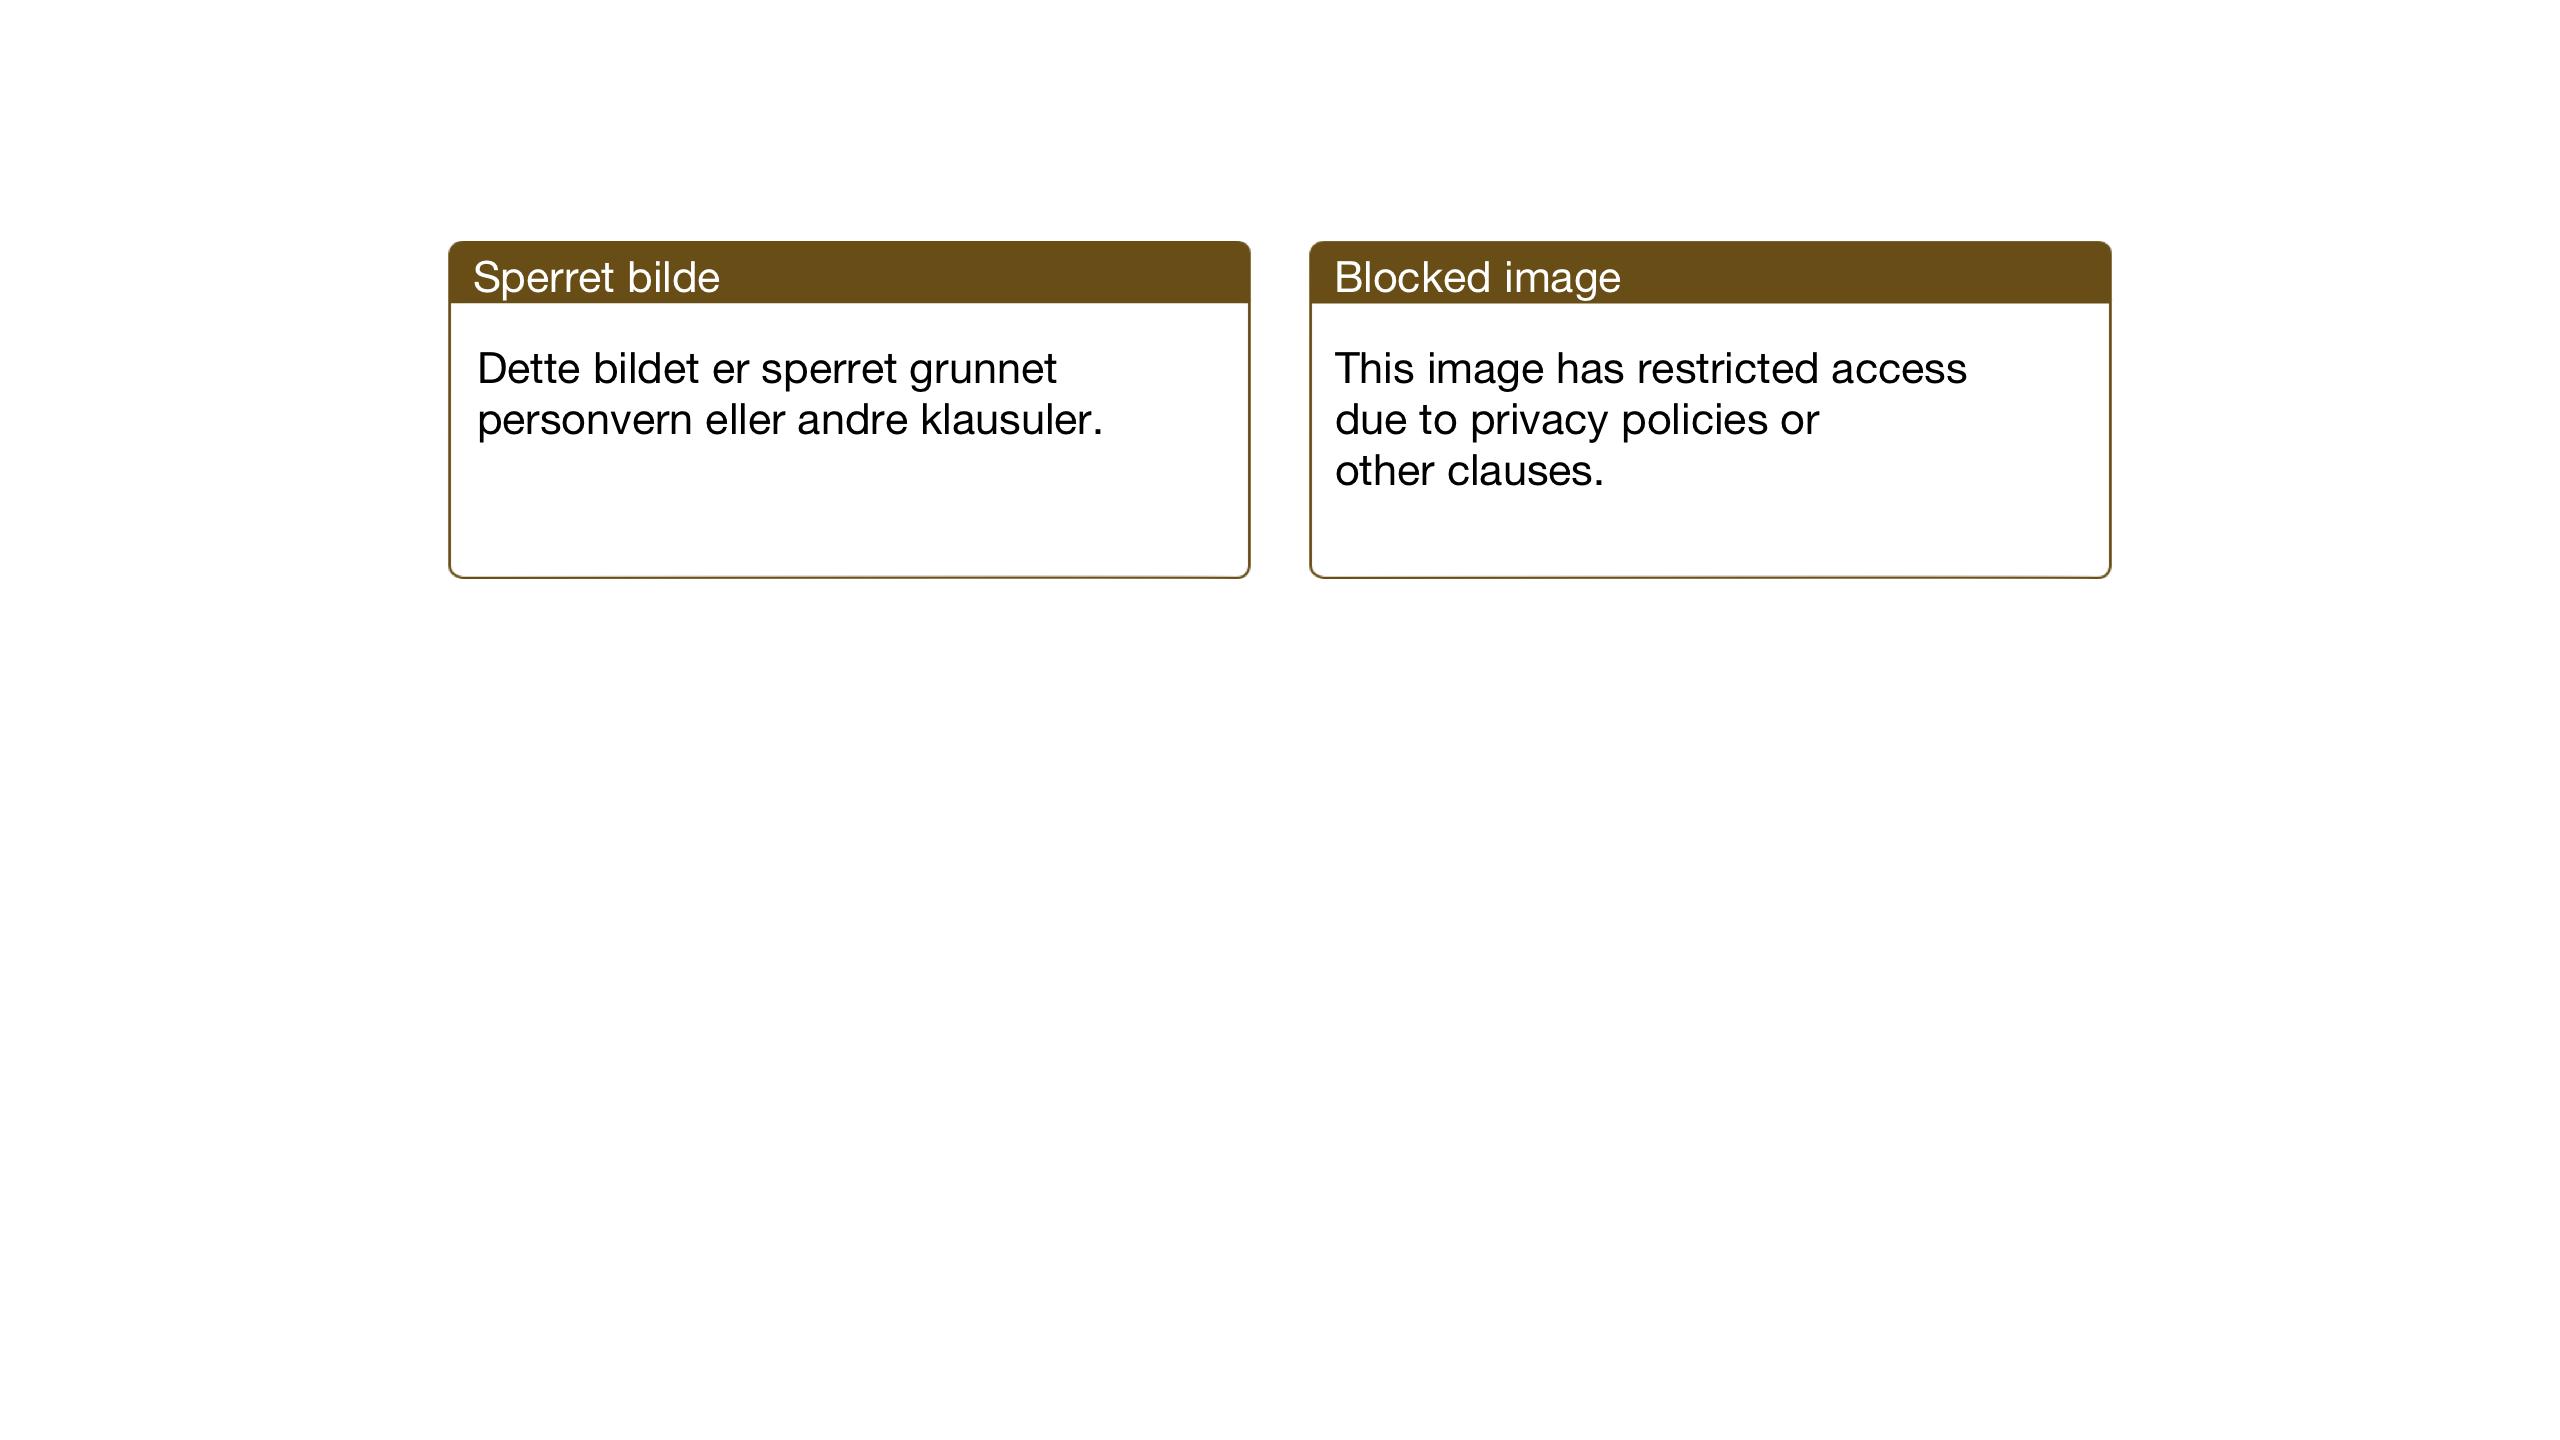 SAT, Ministerialprotokoller, klokkerbøker og fødselsregistre - Sør-Trøndelag, 656/L0696: Klokkerbok nr. 656C02, 1921-1937, s. 32